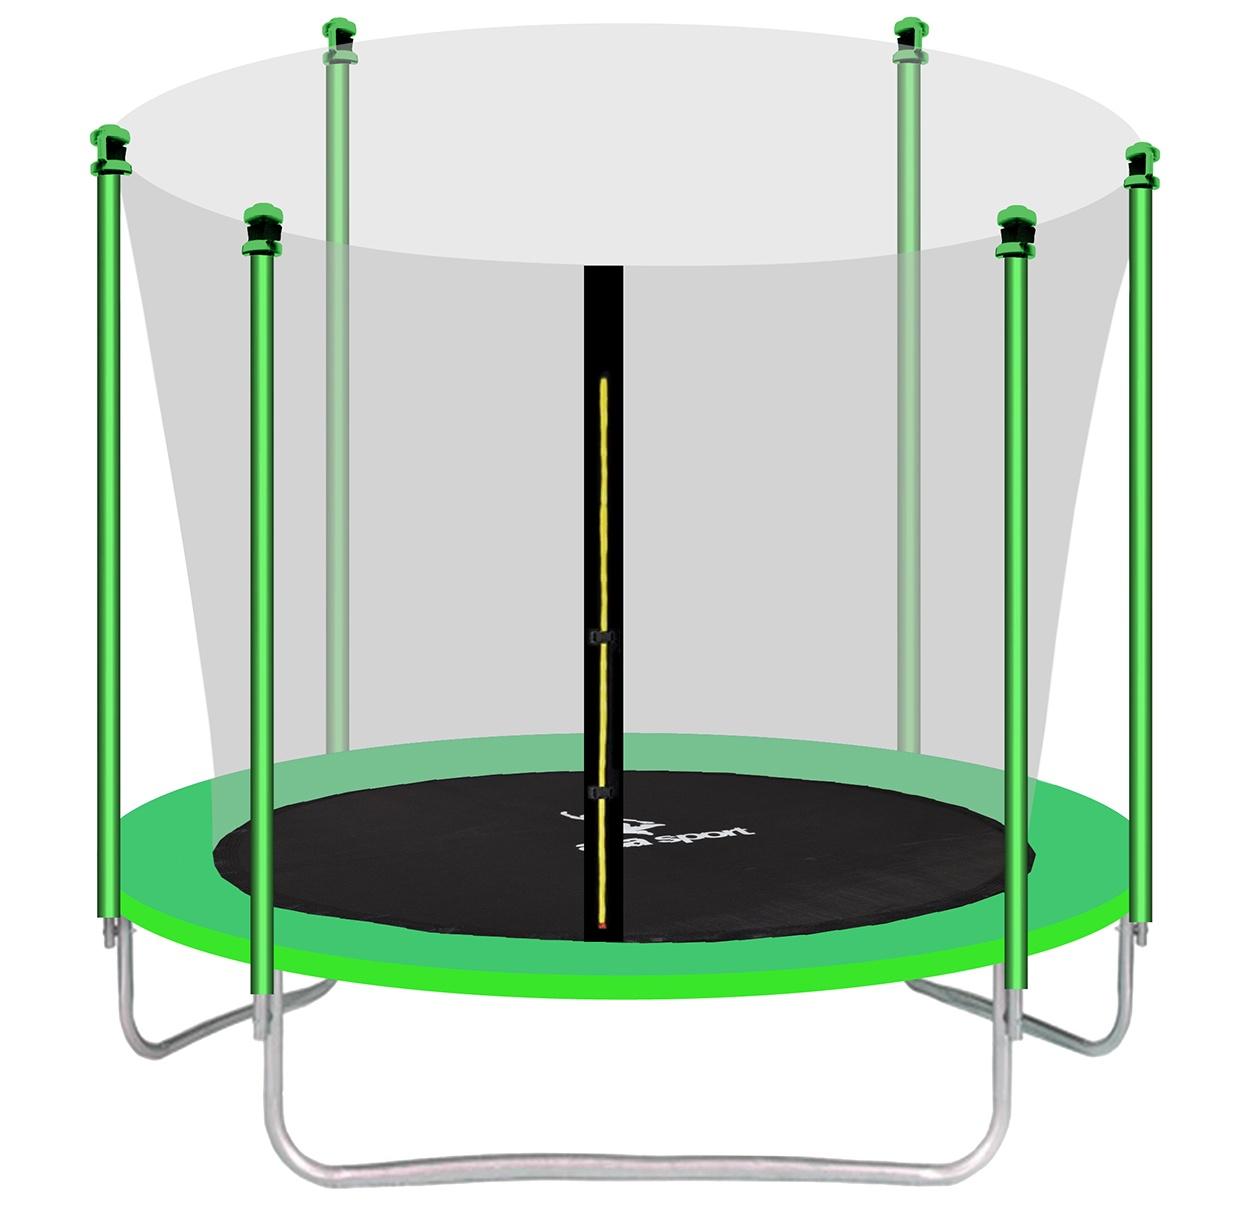 Aga SPORT FIT Trampolína 305 cm Light Green + vnitřní ochranná síť 2018